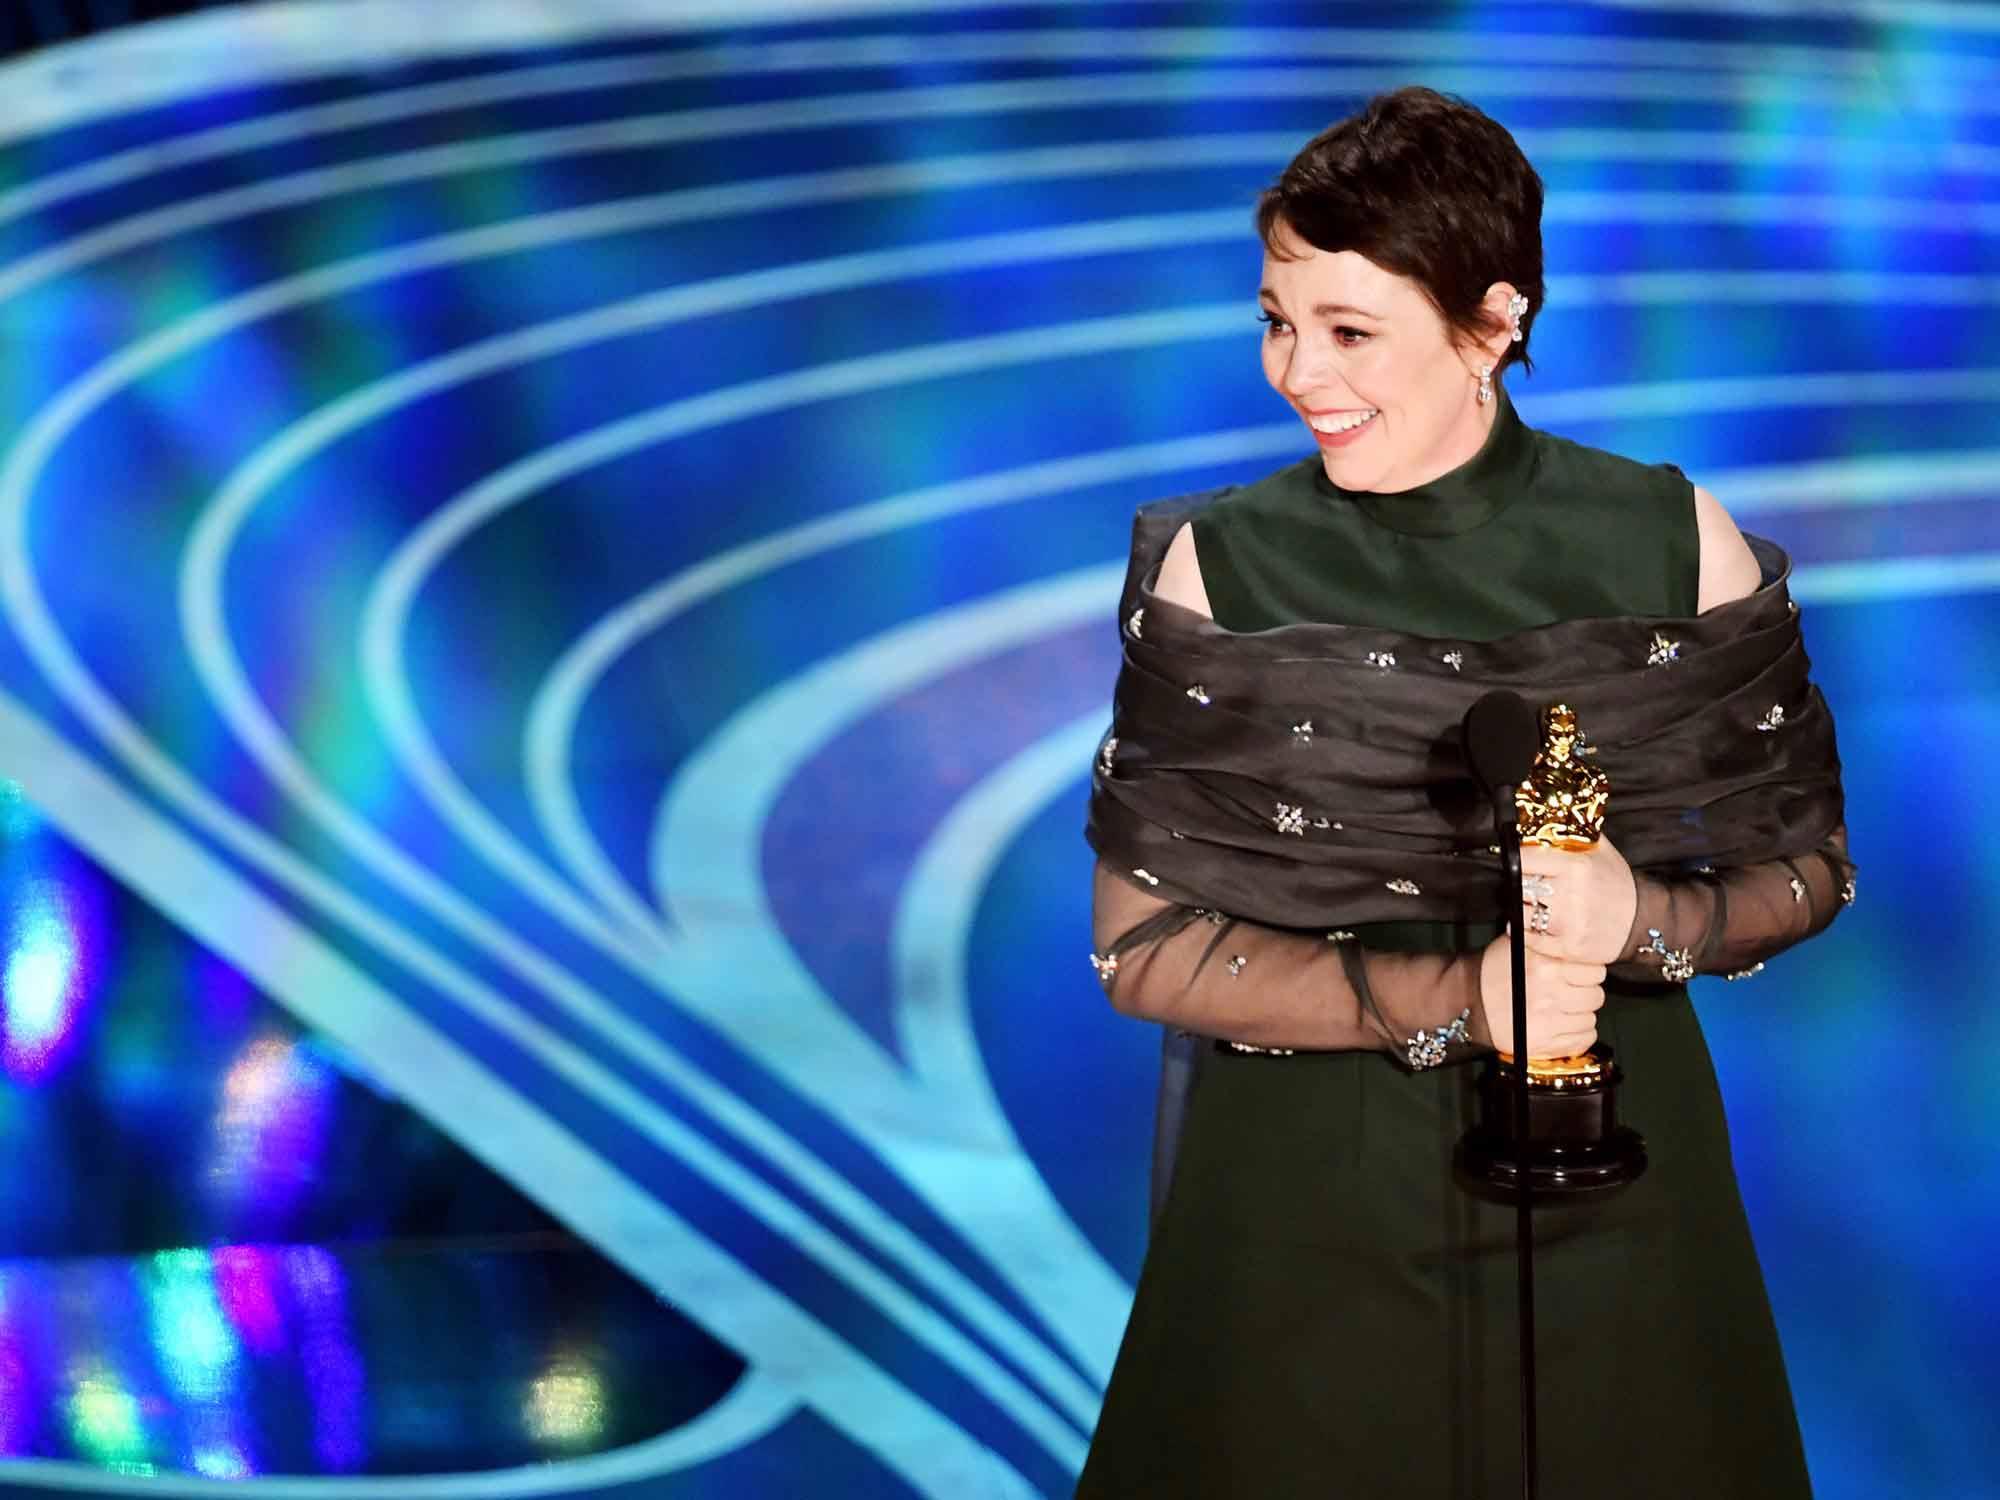 Olivia-Colman-Oscars.jpg